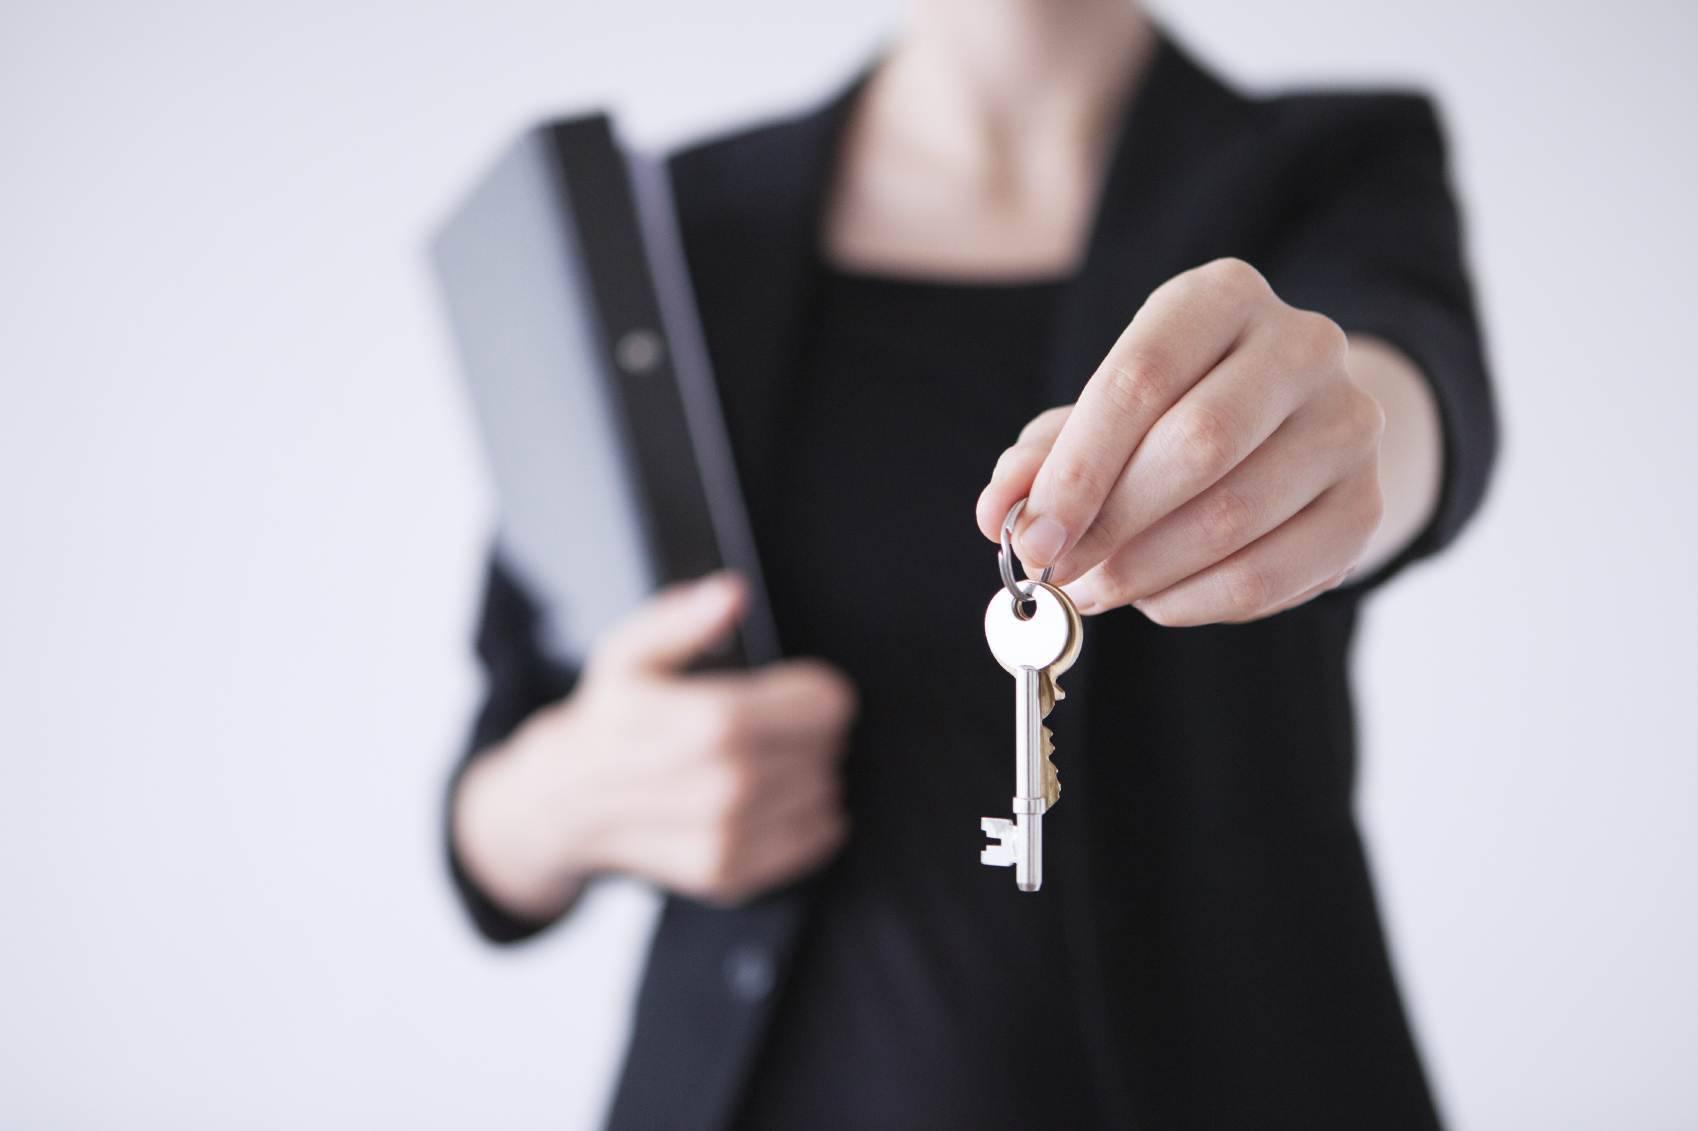 Tout savoir sur les obligations du propri taire - Obligation du proprietaire envers le locataire ...